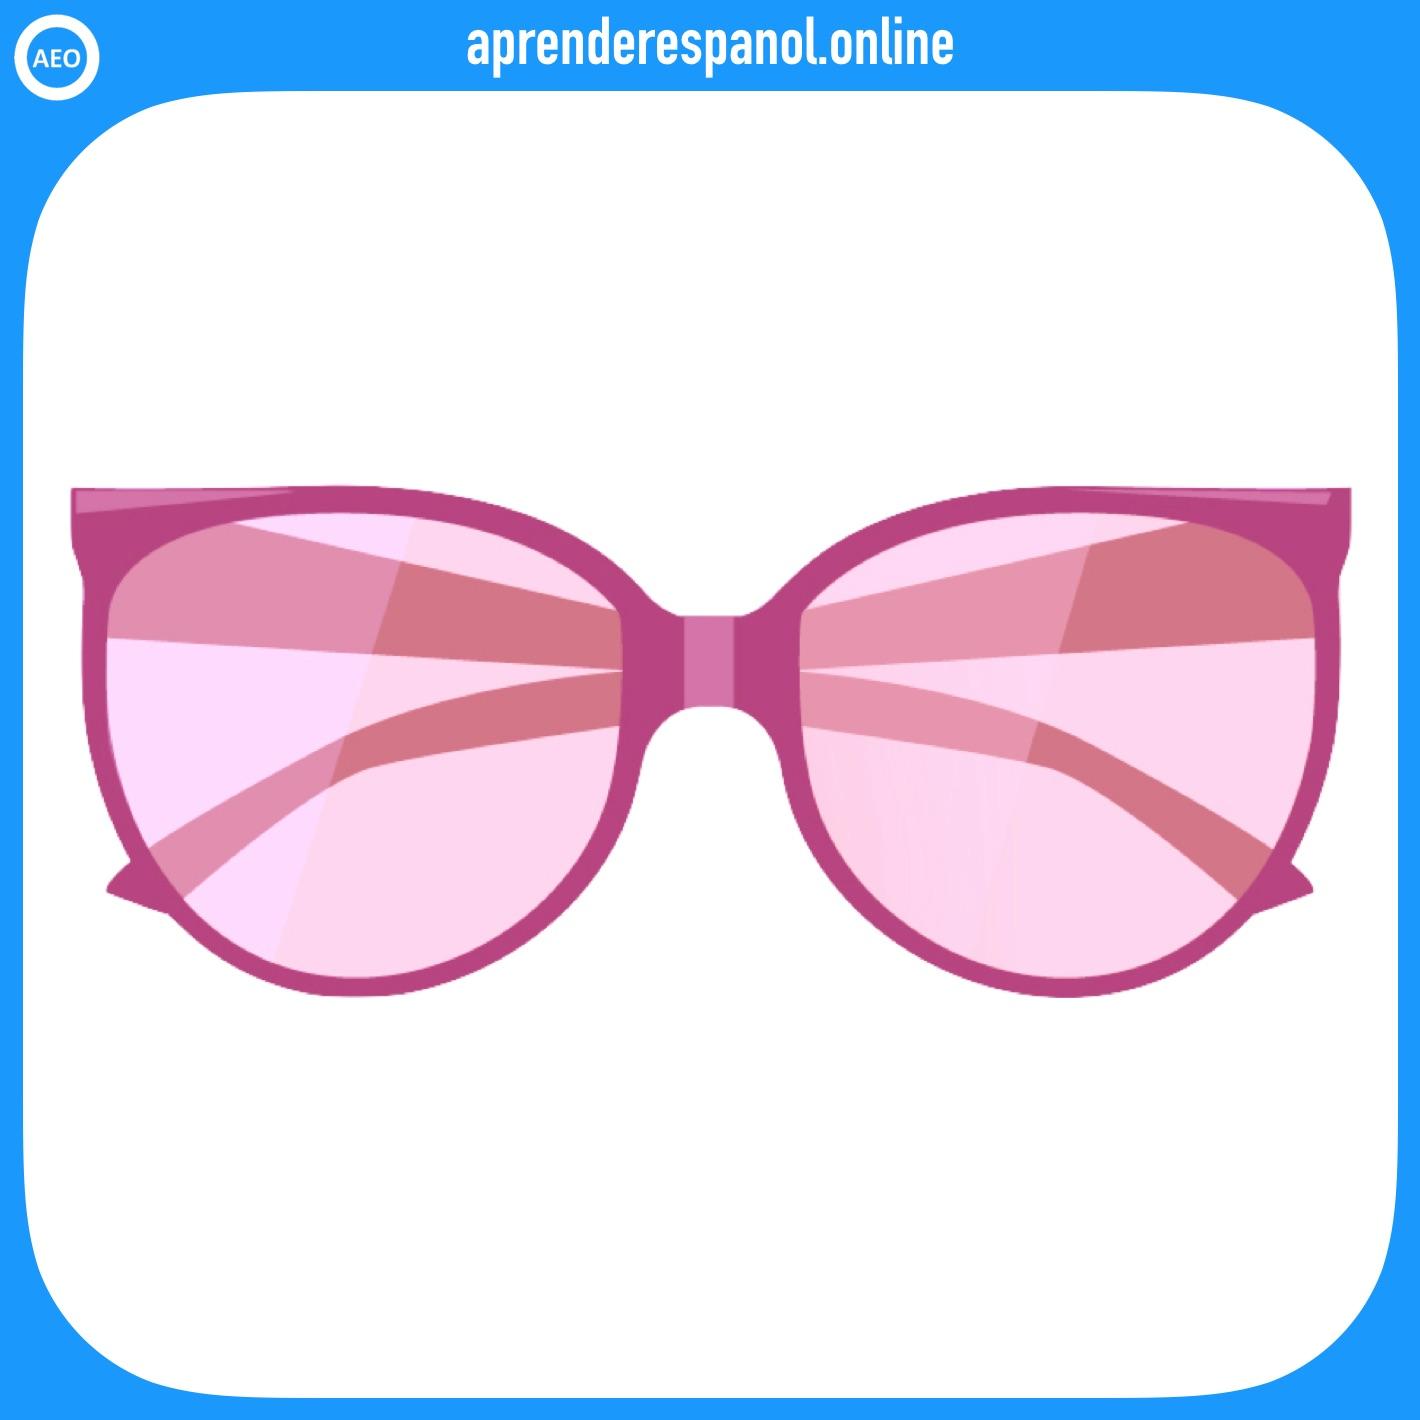 gafas | ropa en español | vocabulario de la ropa en español